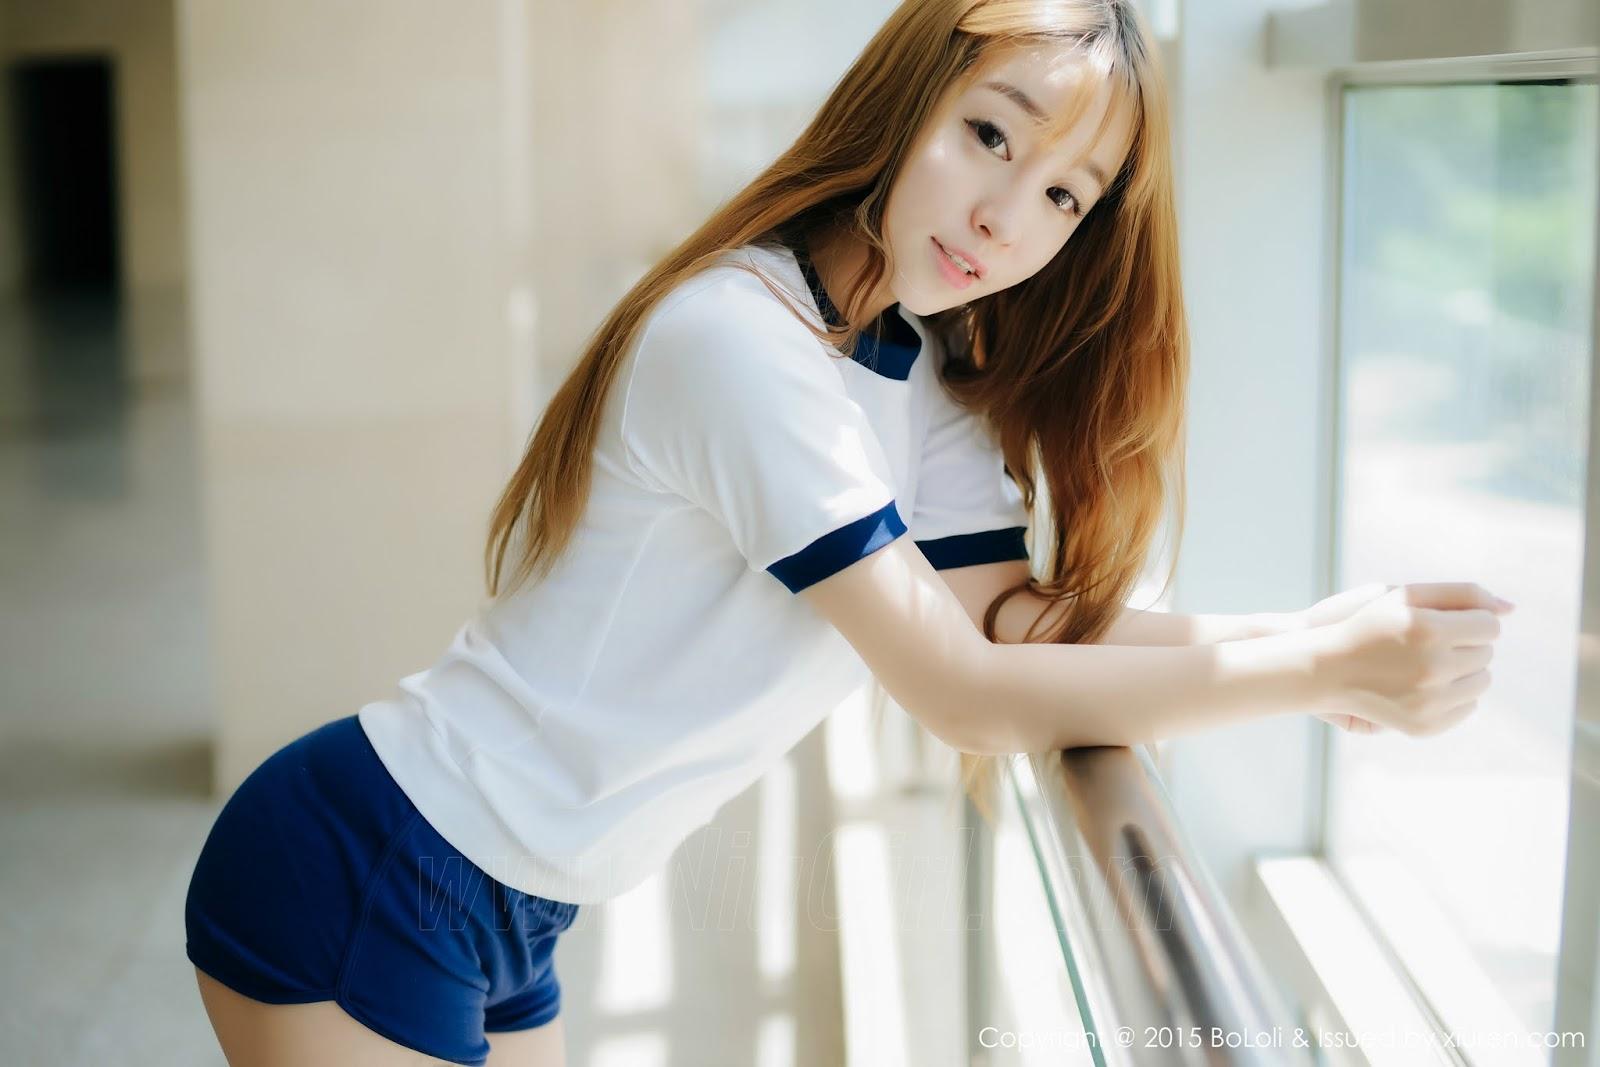 038 006 - BOLOLI VOL.38 Model: 王语纯